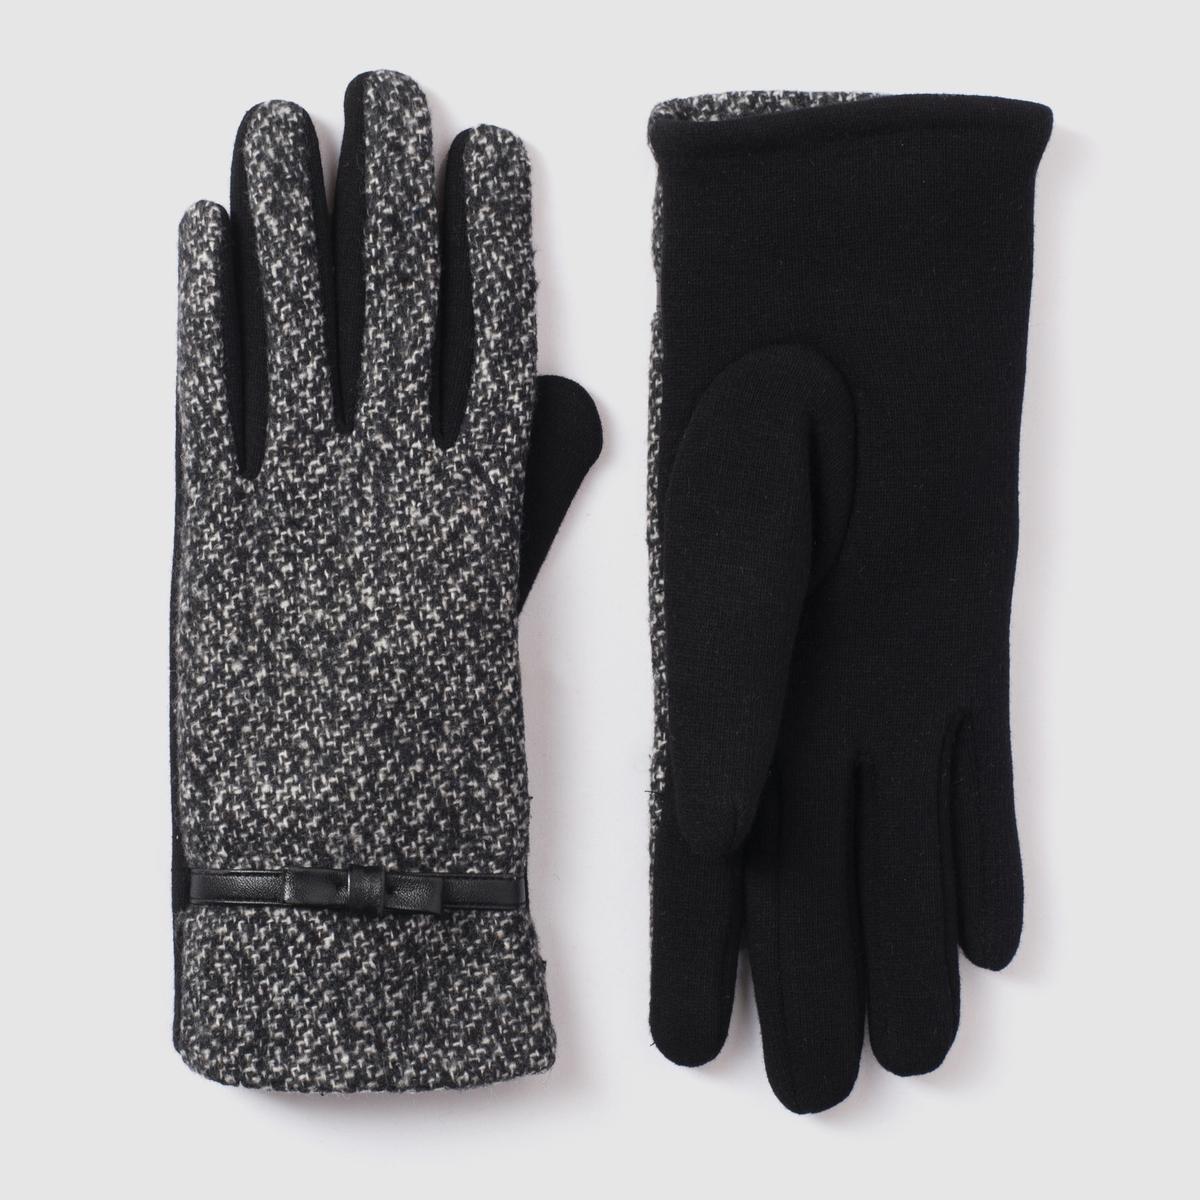 Перчатки из оригинального твидаПерчатки из твида. 100% полиэстера. Один размер.<br><br>Цвет: черный/серый